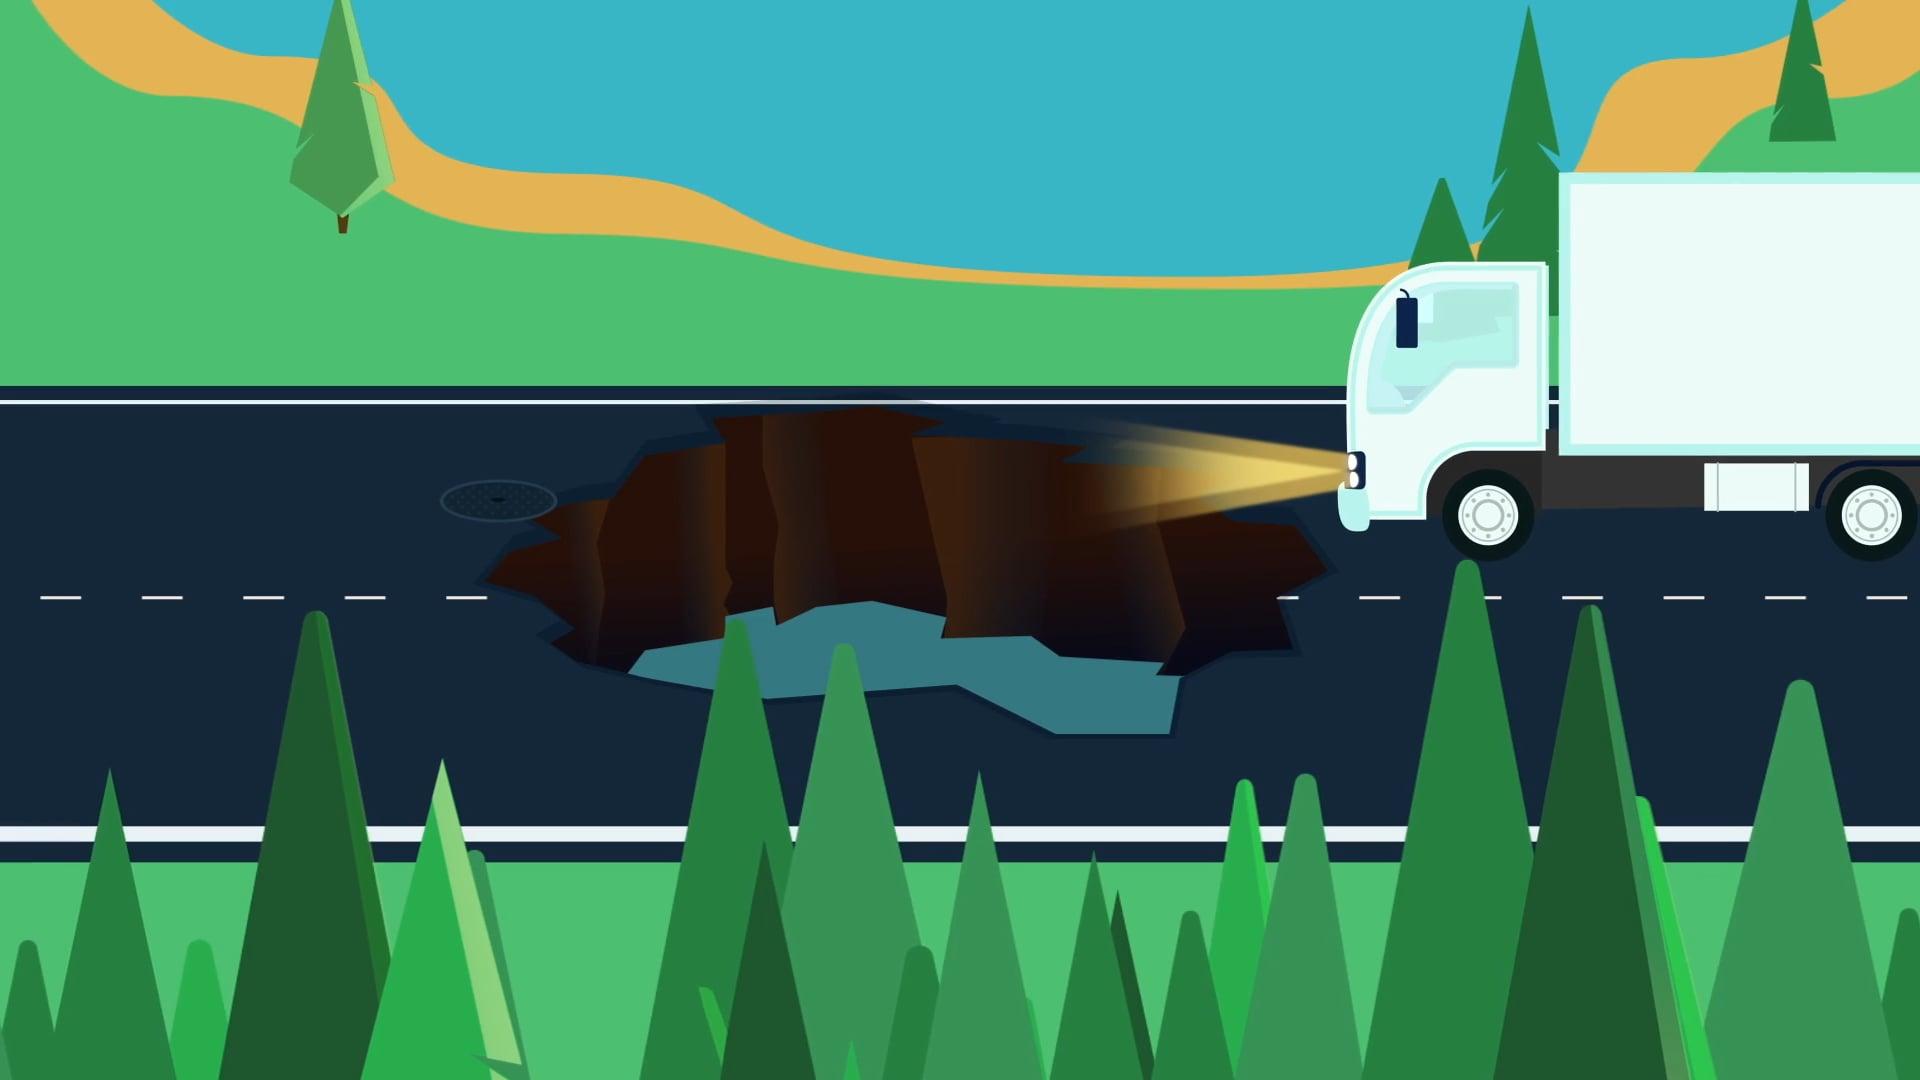 Colorado Springs Utilities - Service Lines: Water - Mighteor